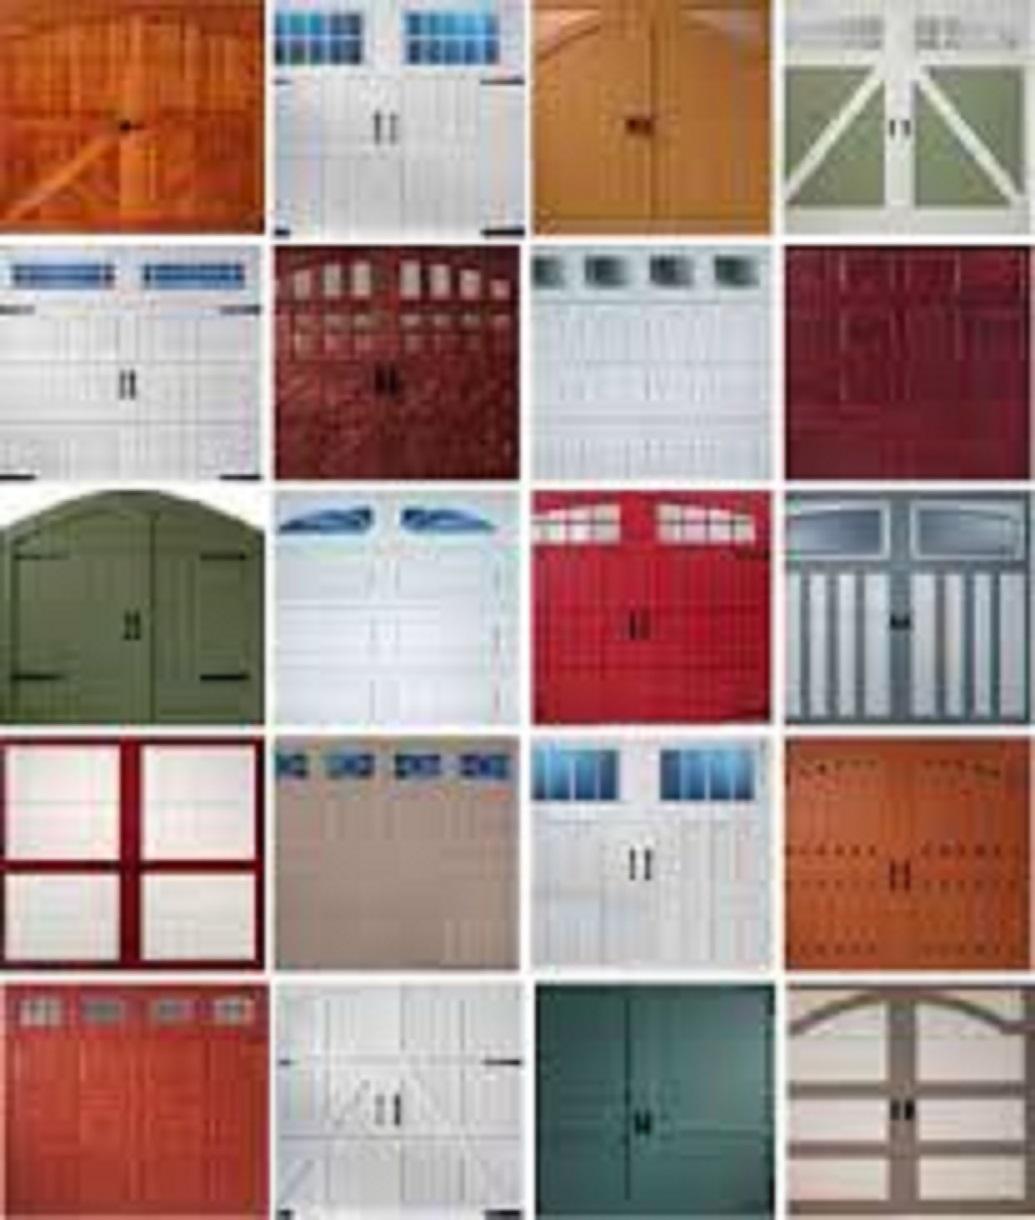 Beecher Garage Door Company ChamberofCommercecom